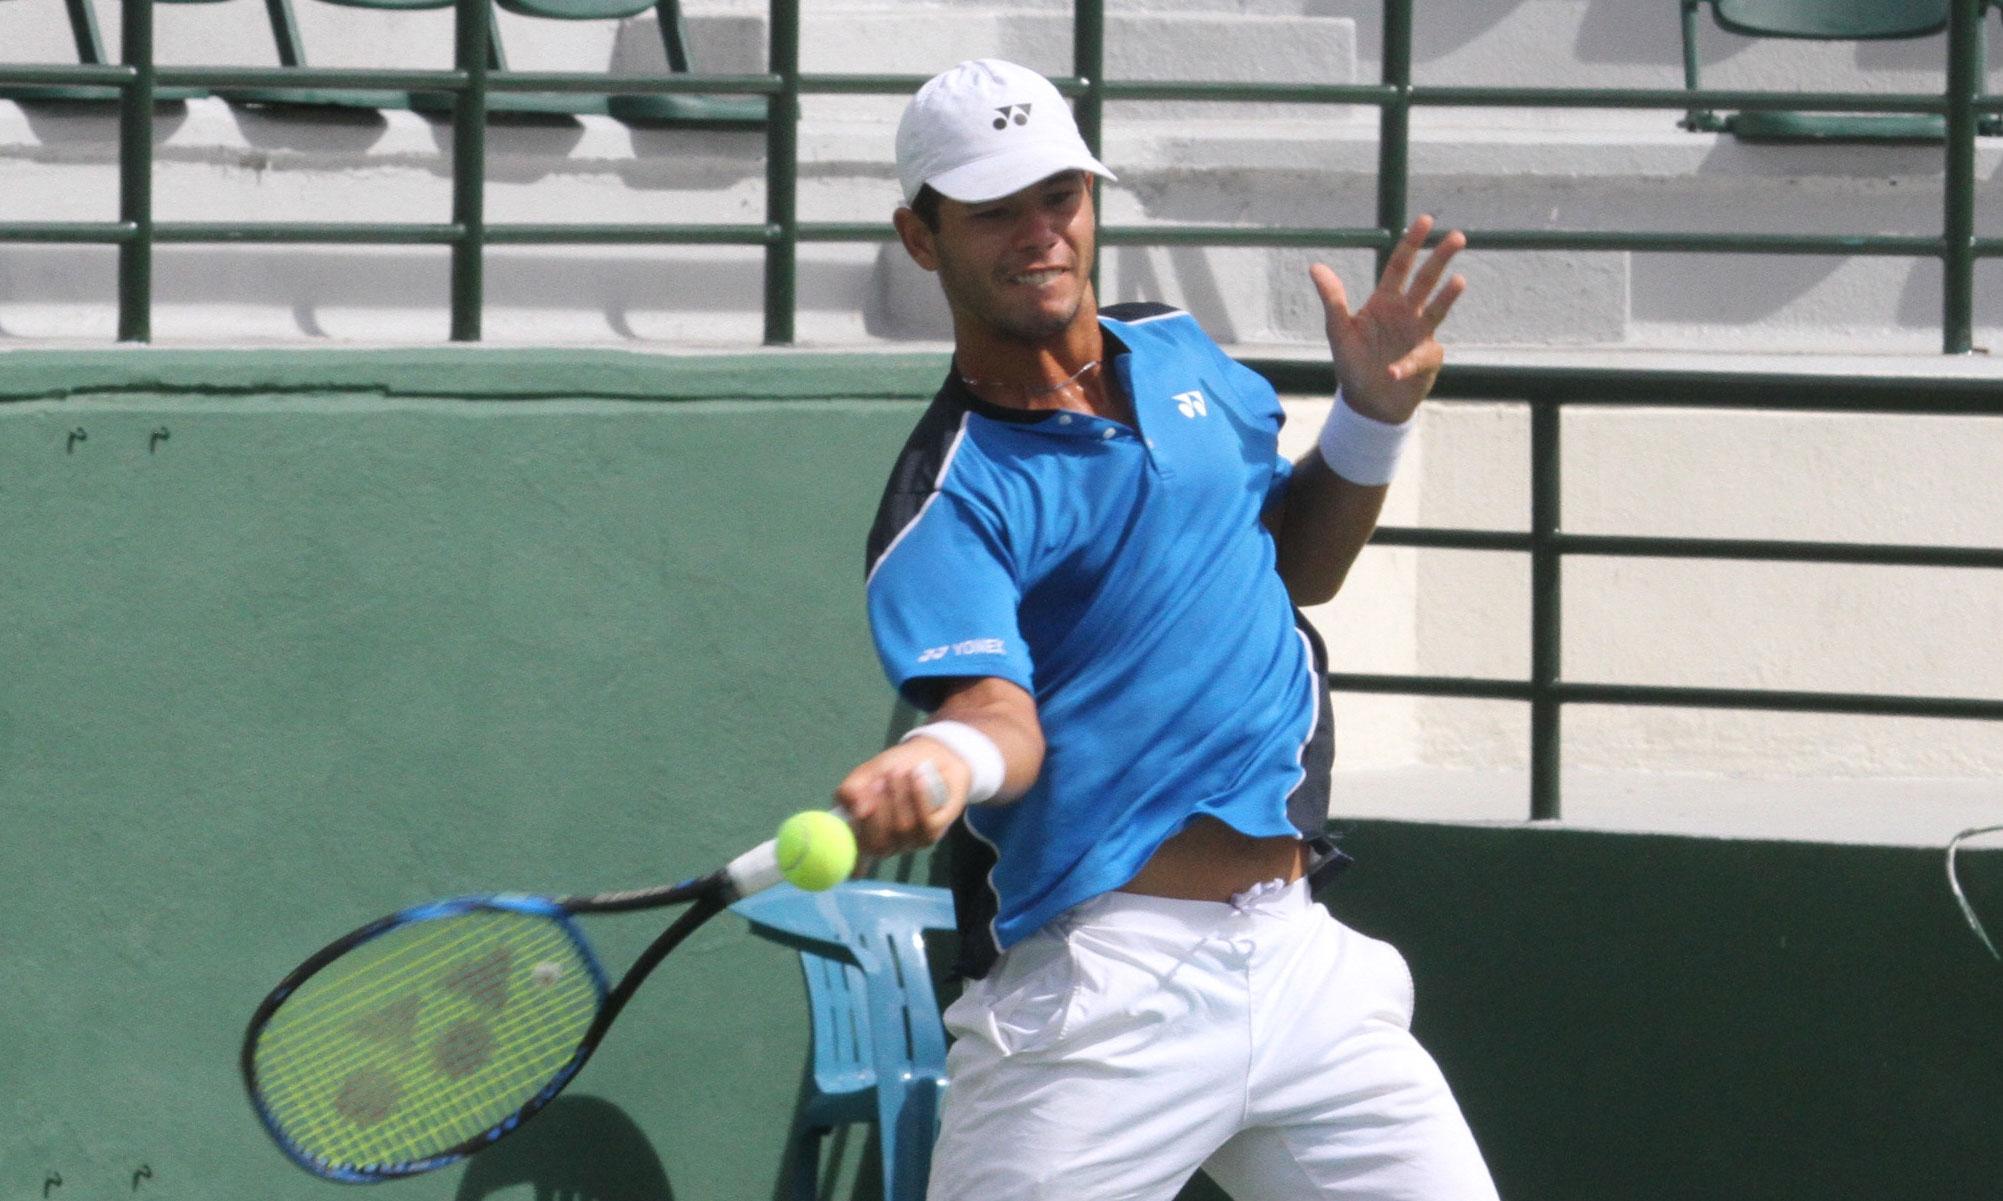 Tenista Nick Hardt resalta óptimas condiciones físicas para su regreso a cancha